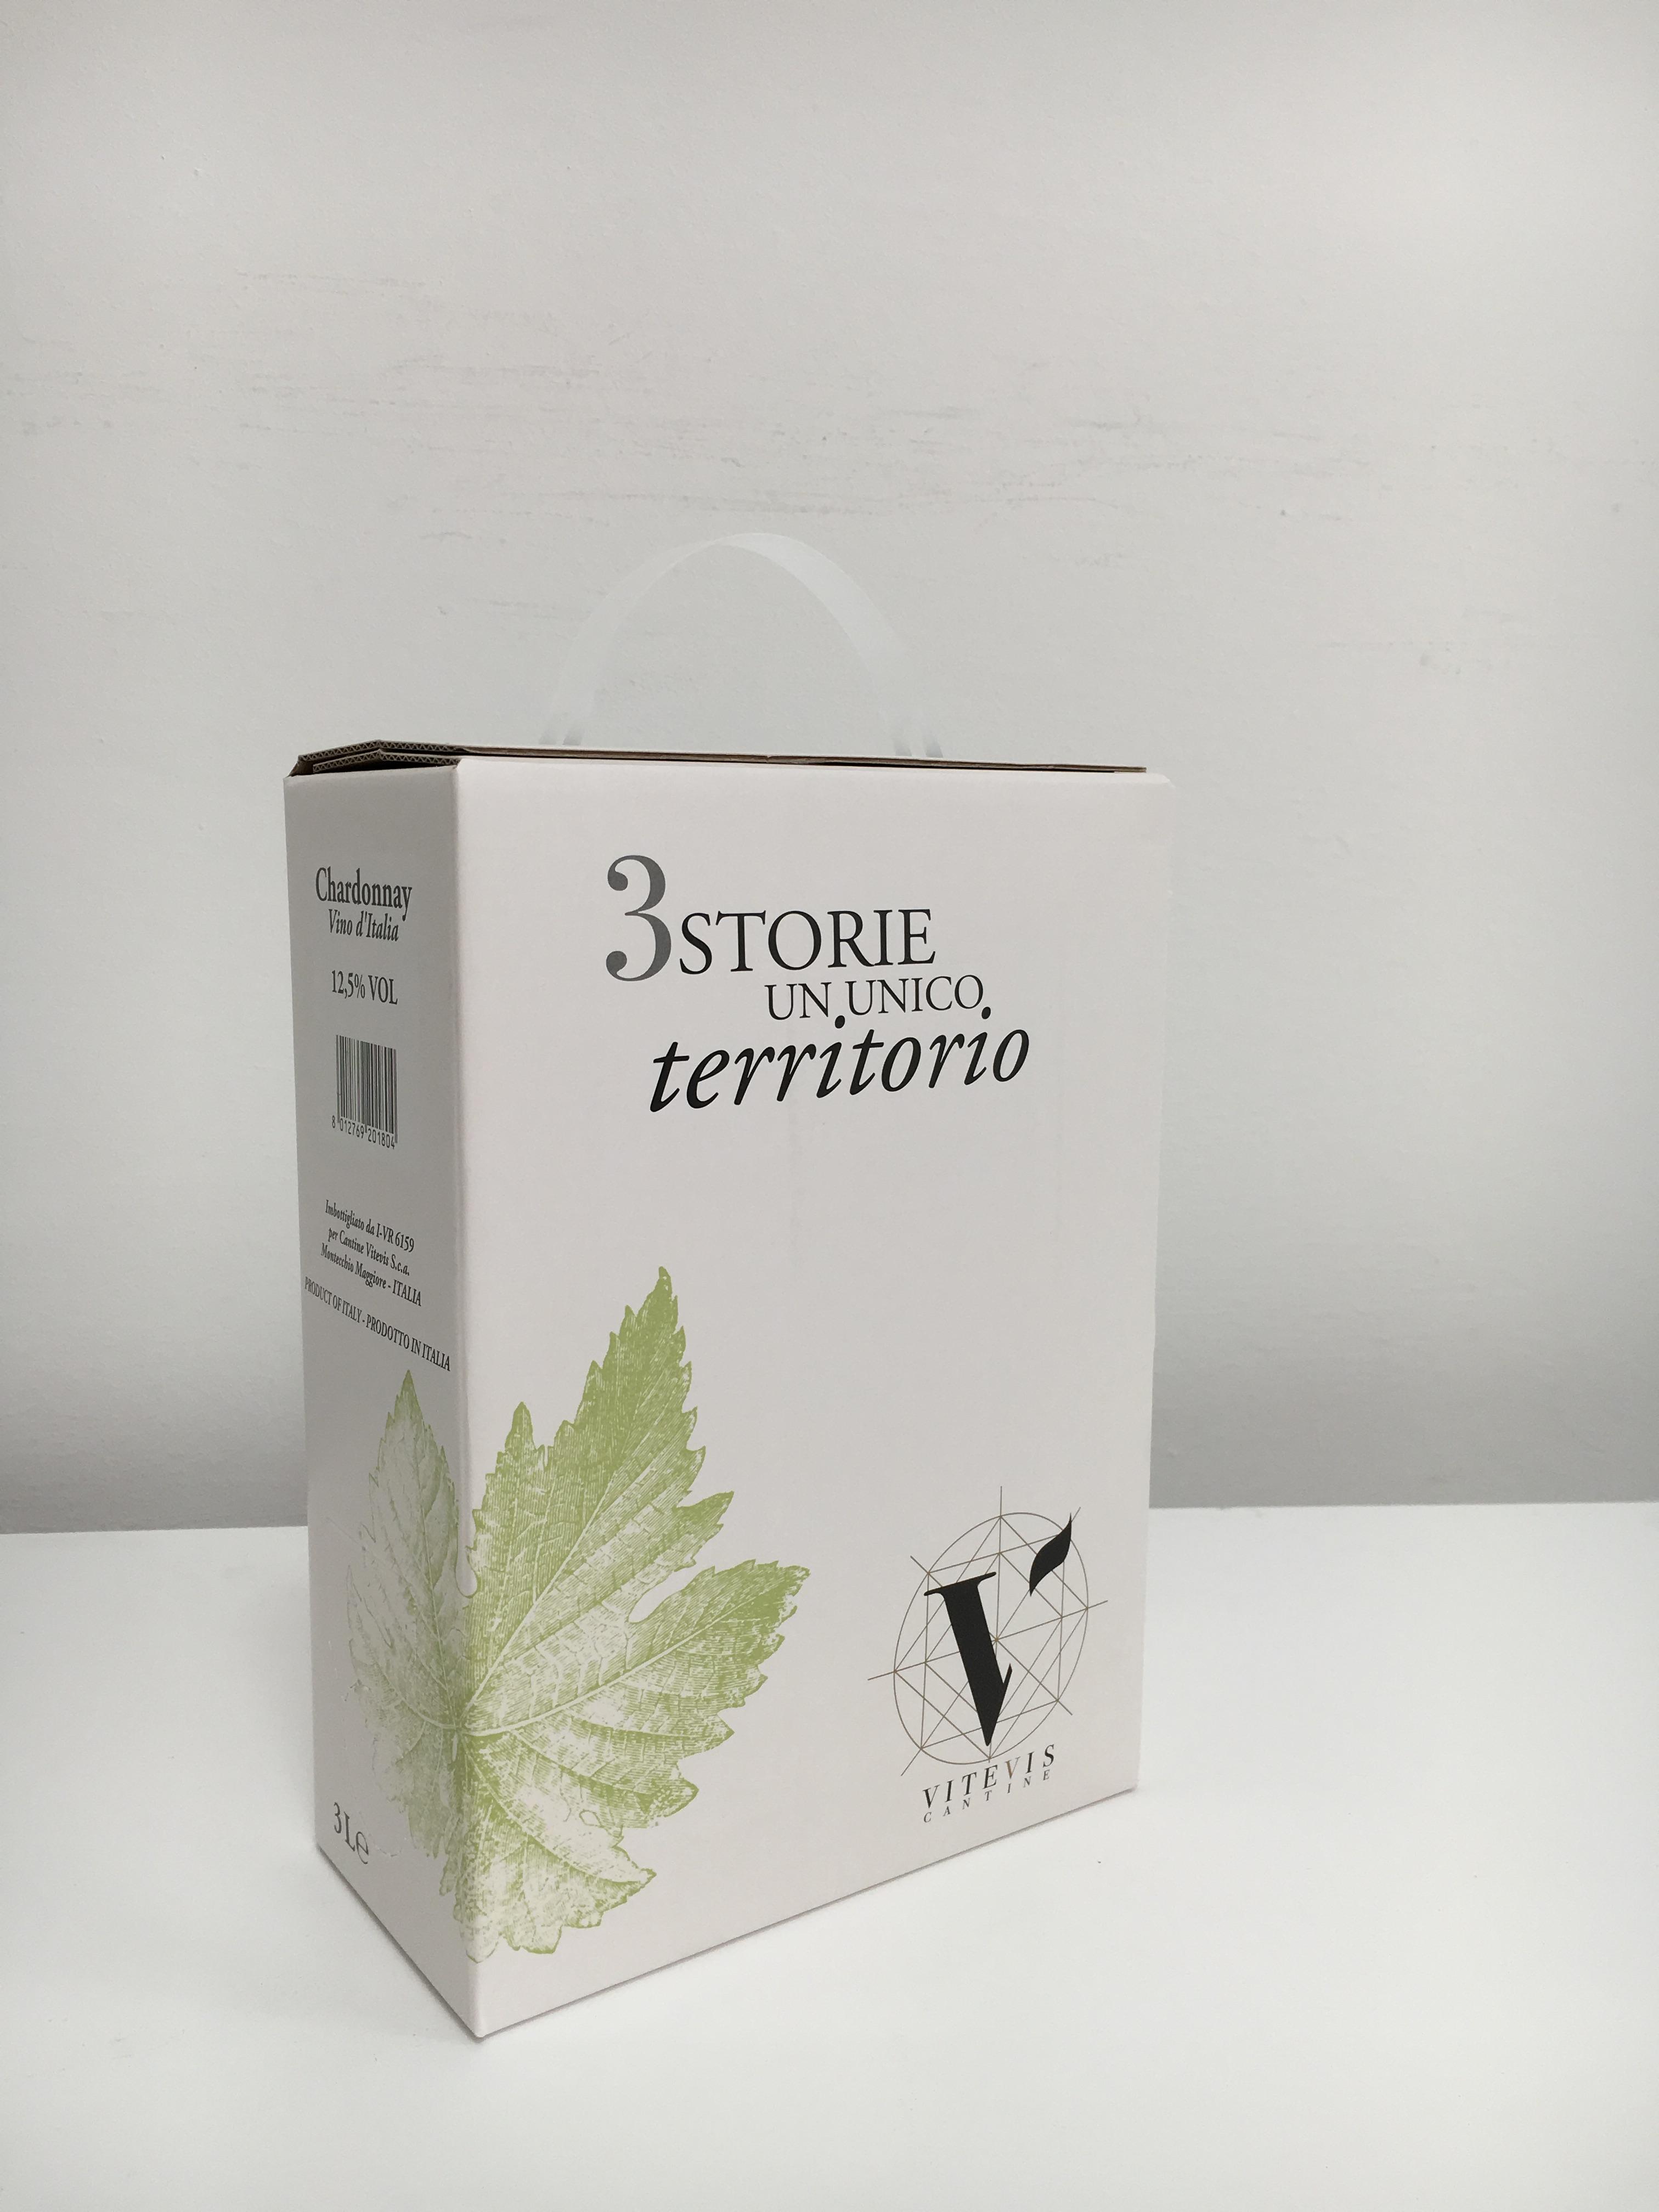 Bag in box Chardonnay Vitevis 3litry